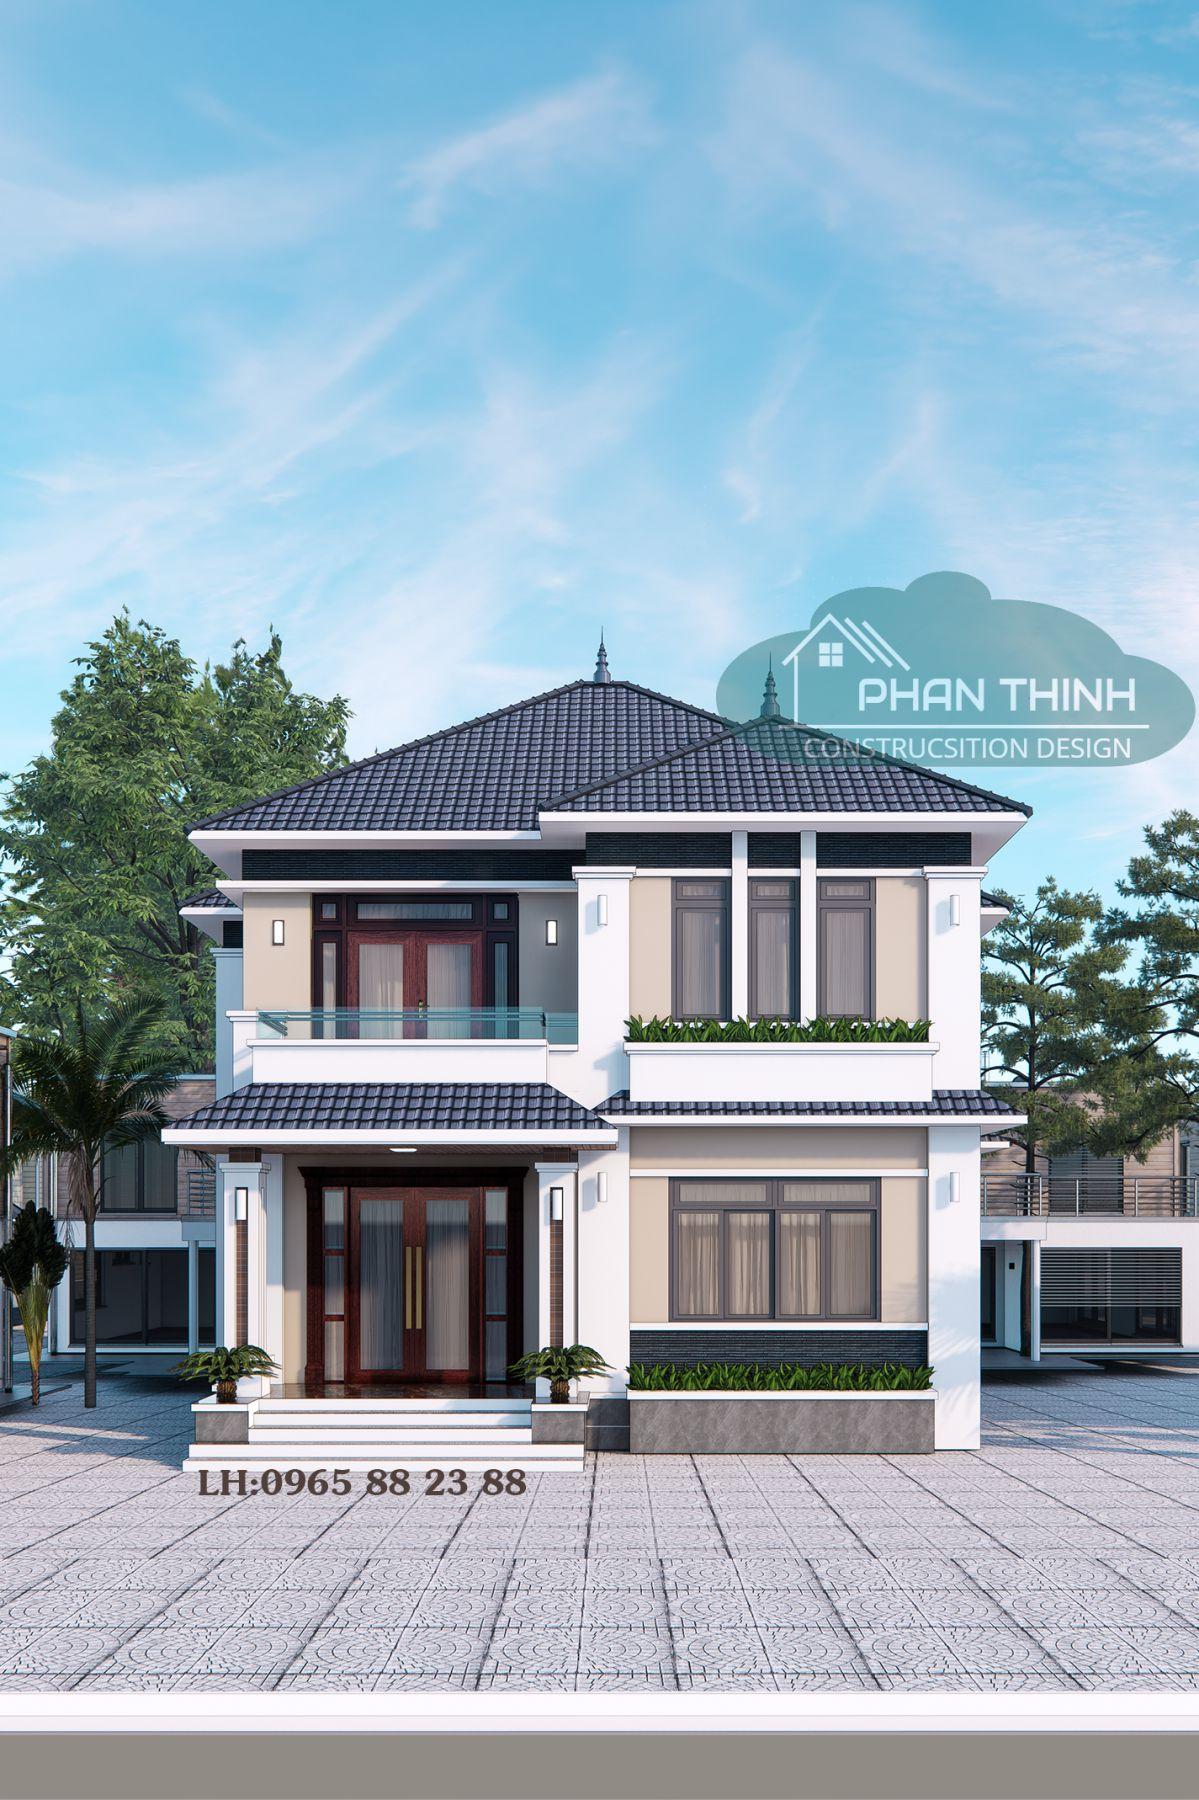 Thiết kế biệt thự 2 tầng đẹp ở Hạ Long Quảng Ninh